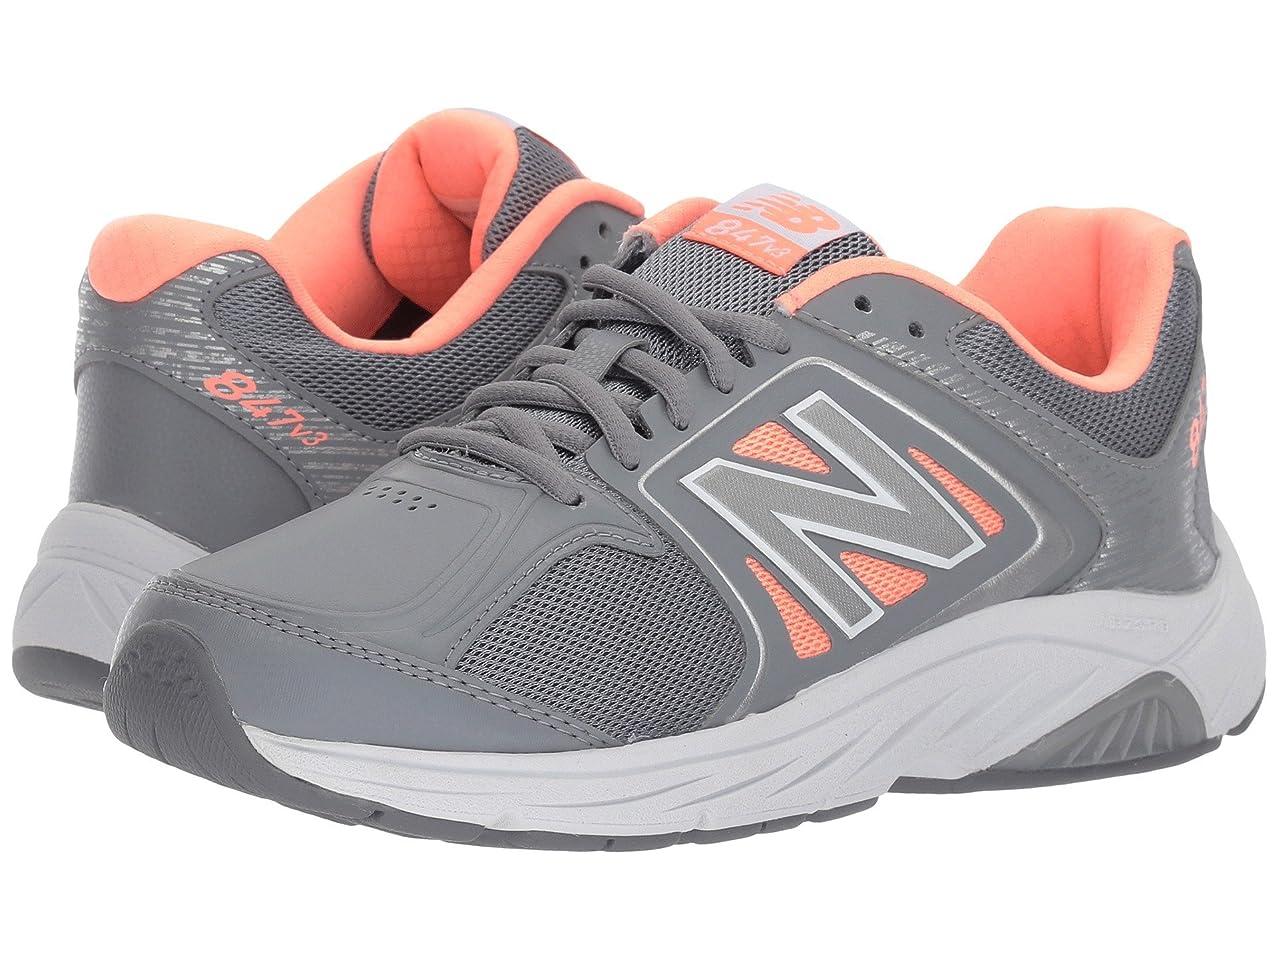 退屈灰オーガニックレディースウォーキングシューズ?靴 WW847v3 Grey/Pink 8.5 (25.5cm) 2A - Narrow [並行輸入品]